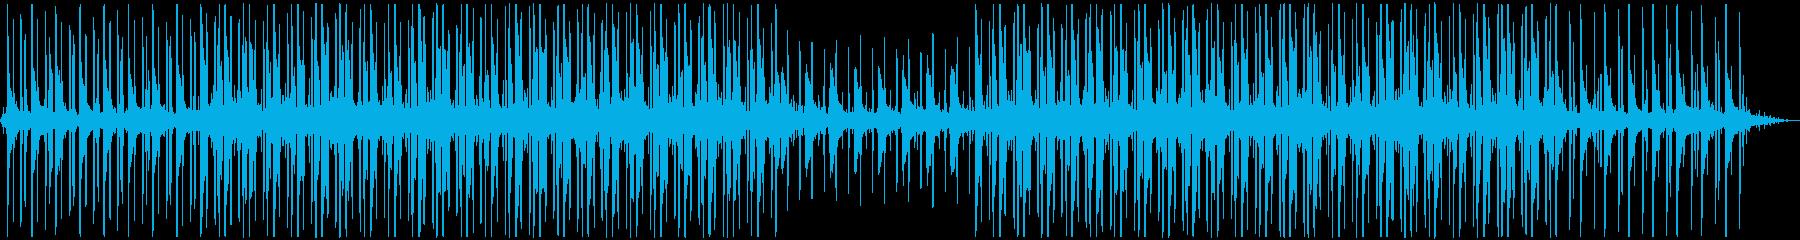 お洒落で癒されるローファイなピアノの再生済みの波形